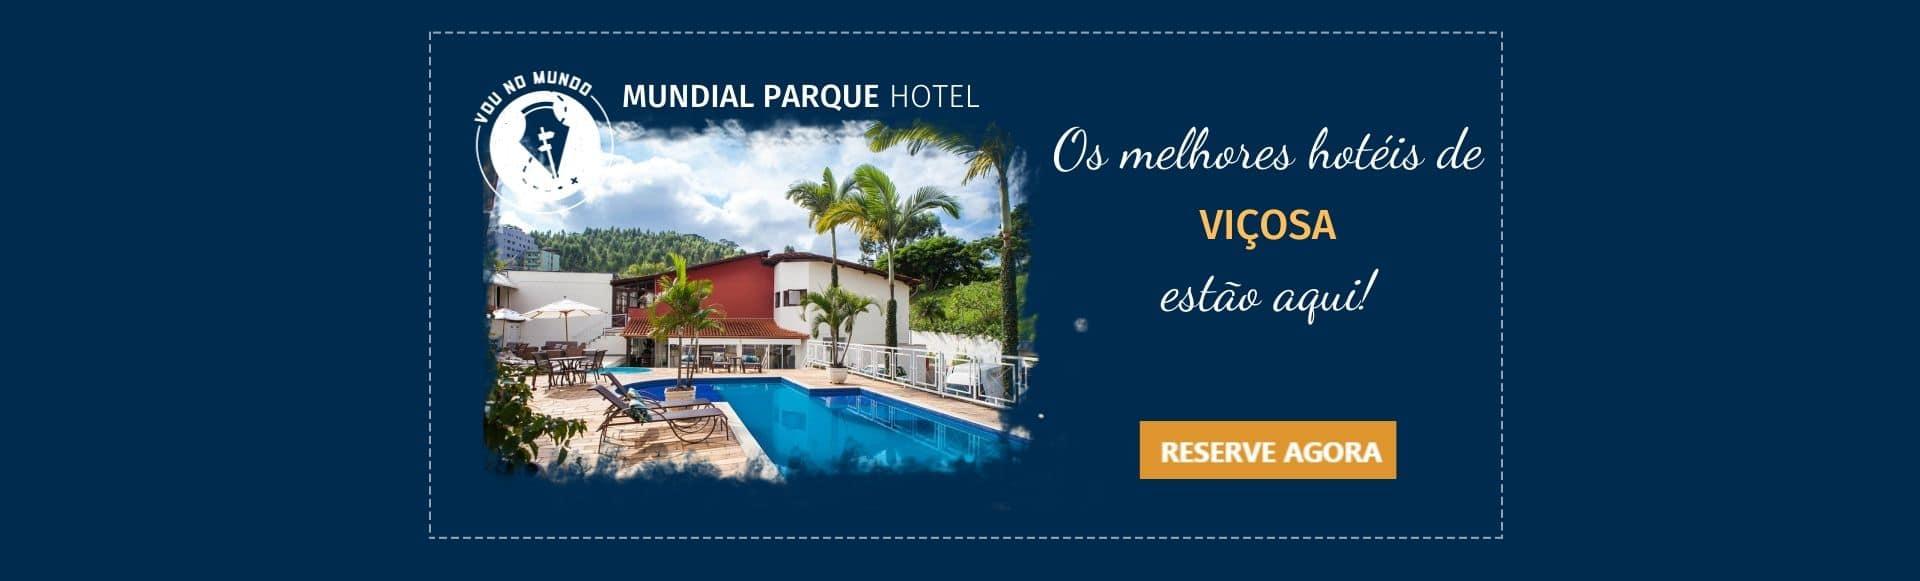 Mundial Parque Hotel em Viçosa, MG.